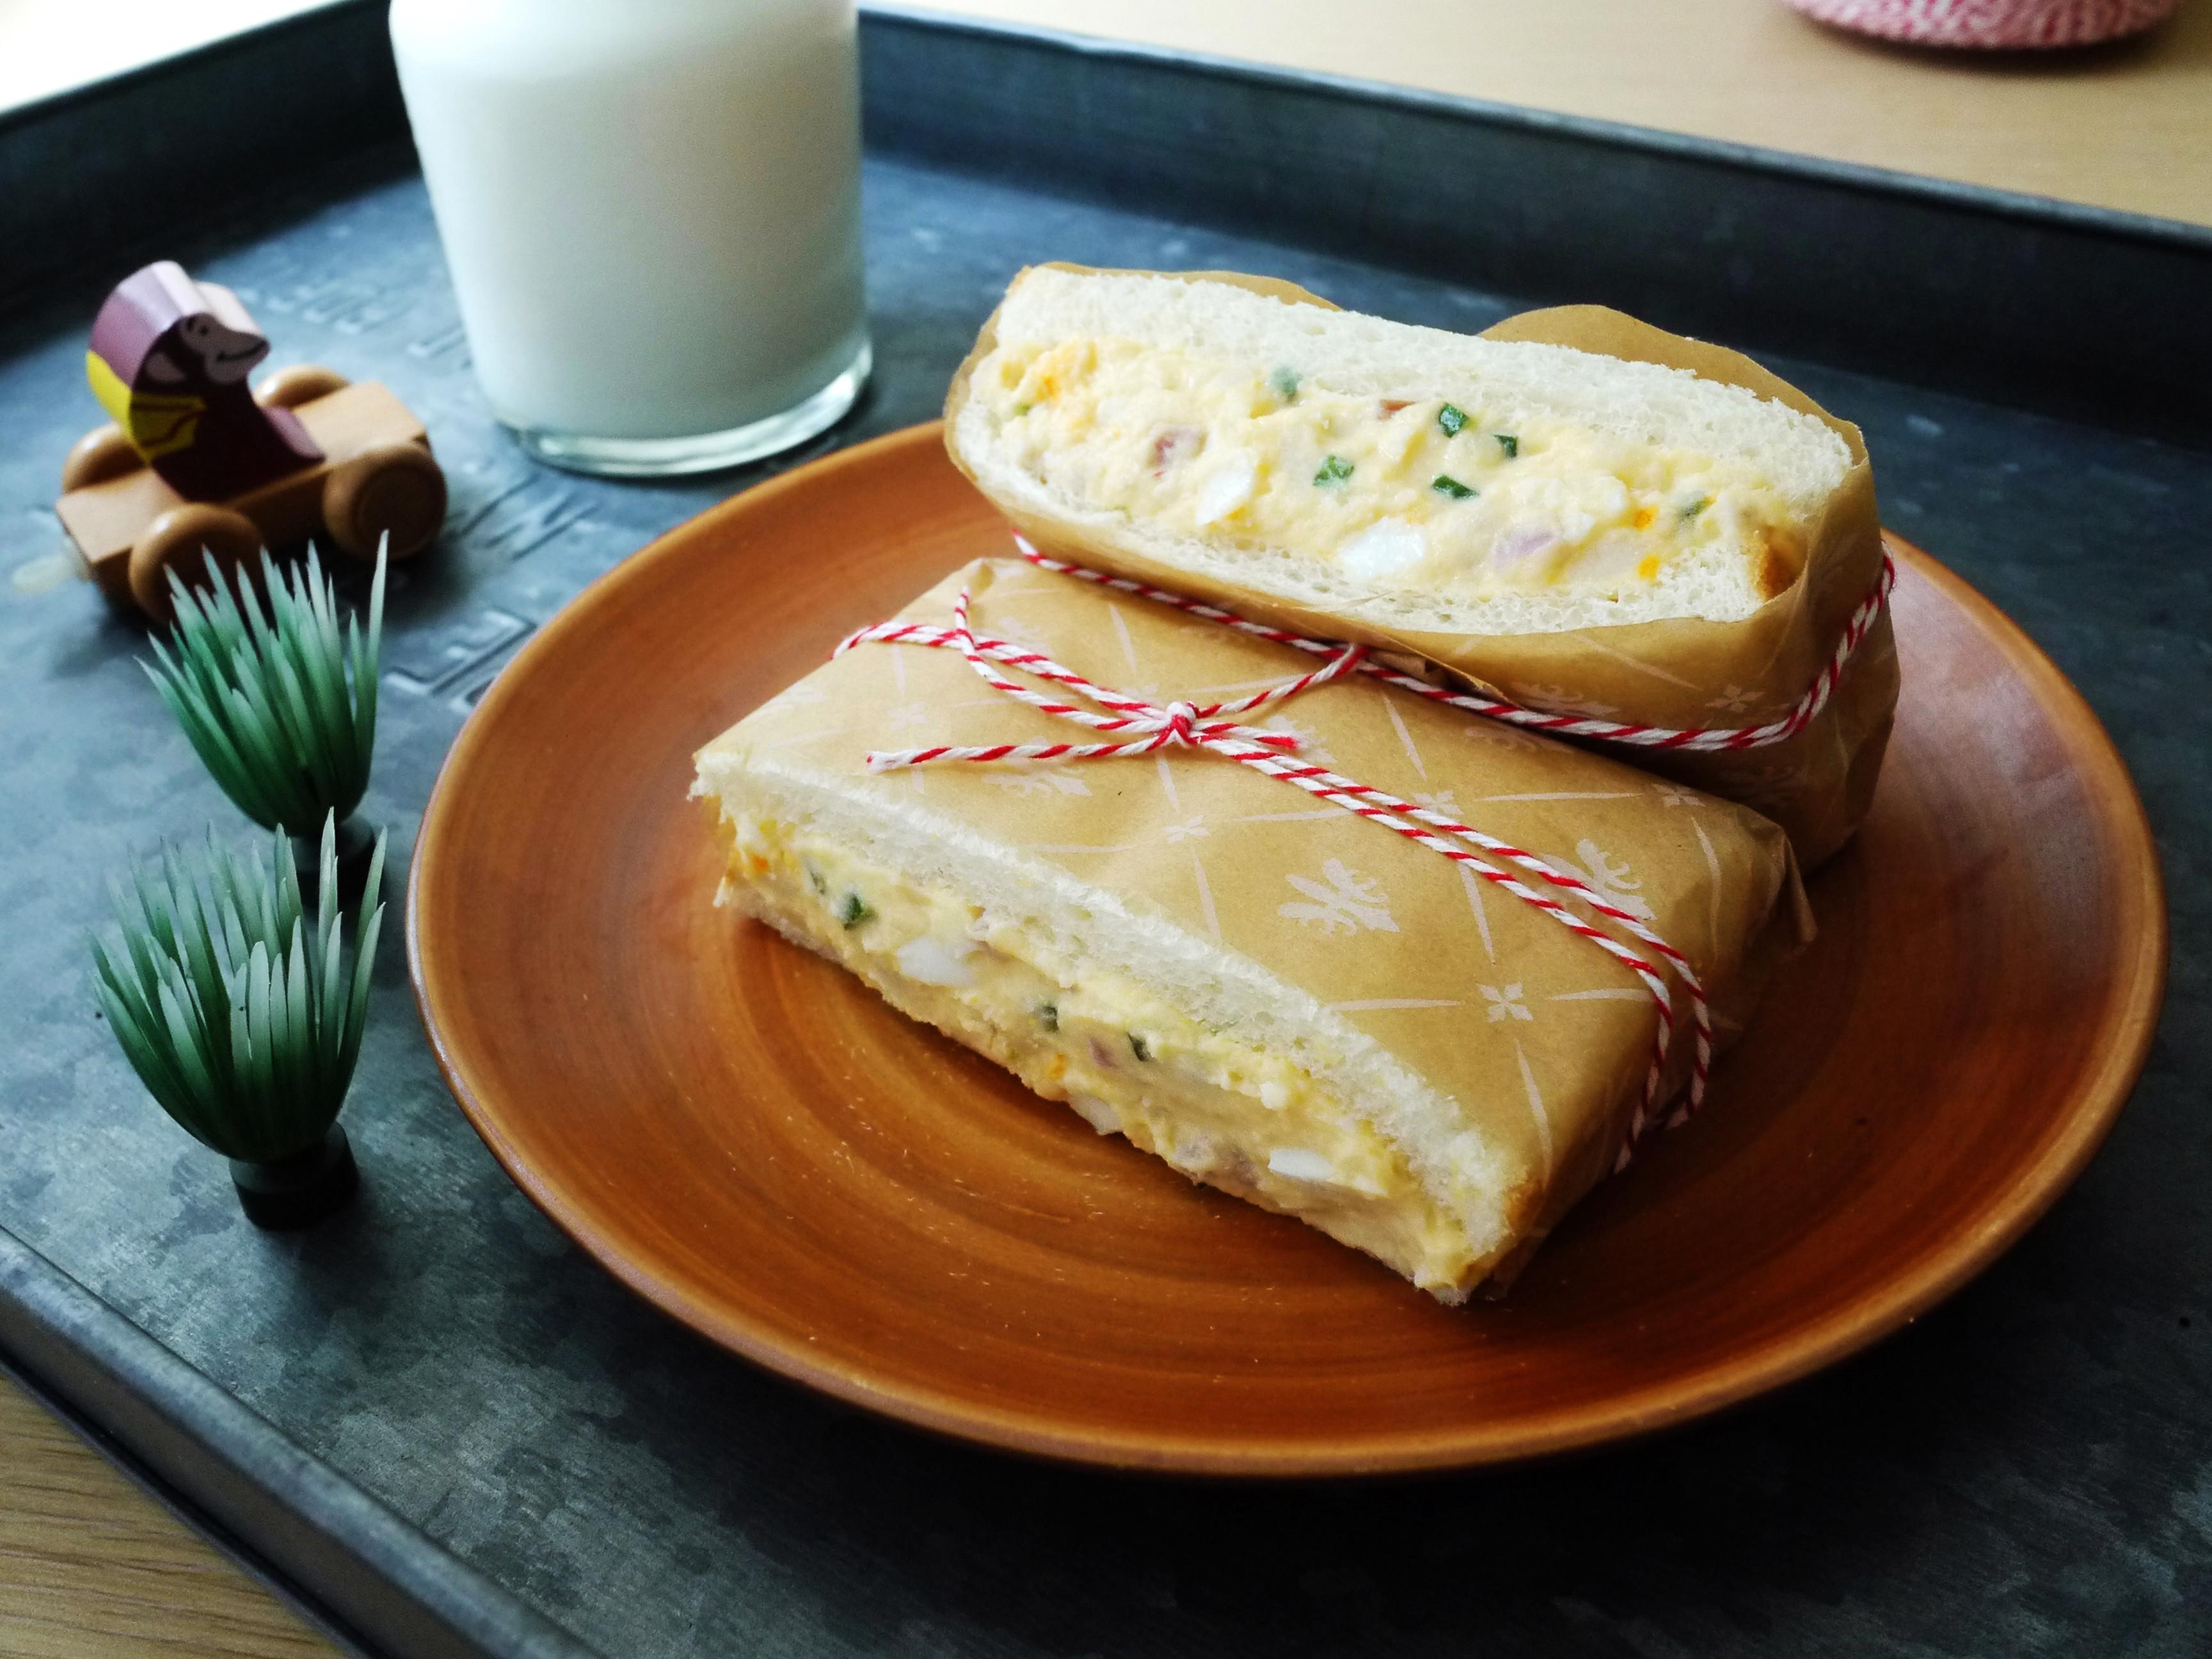 馬鈴薯雞蛋三明治【全聯24節氣料理】